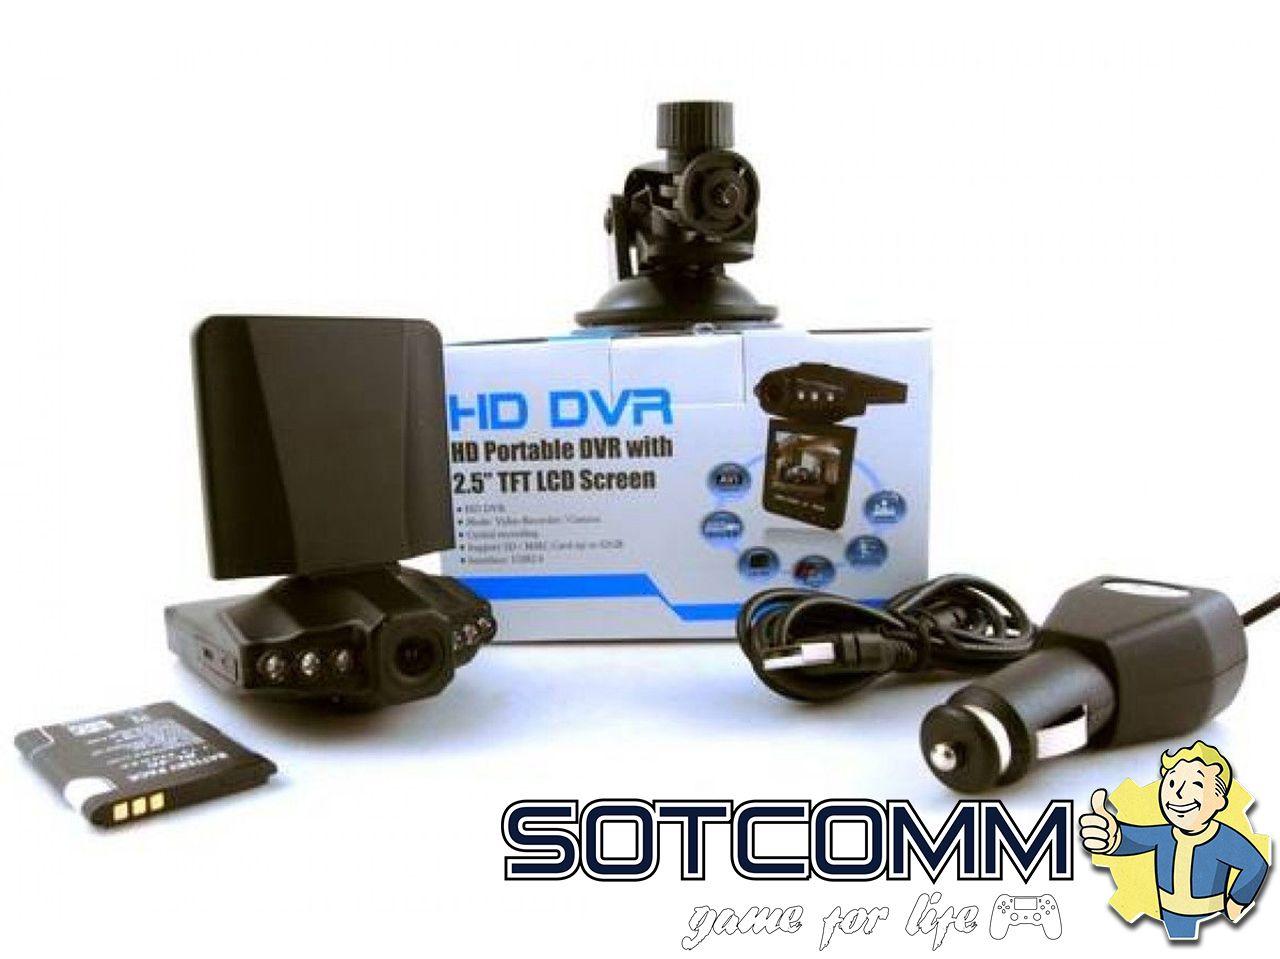 HD DVR 2.5 TFT LCD Screen